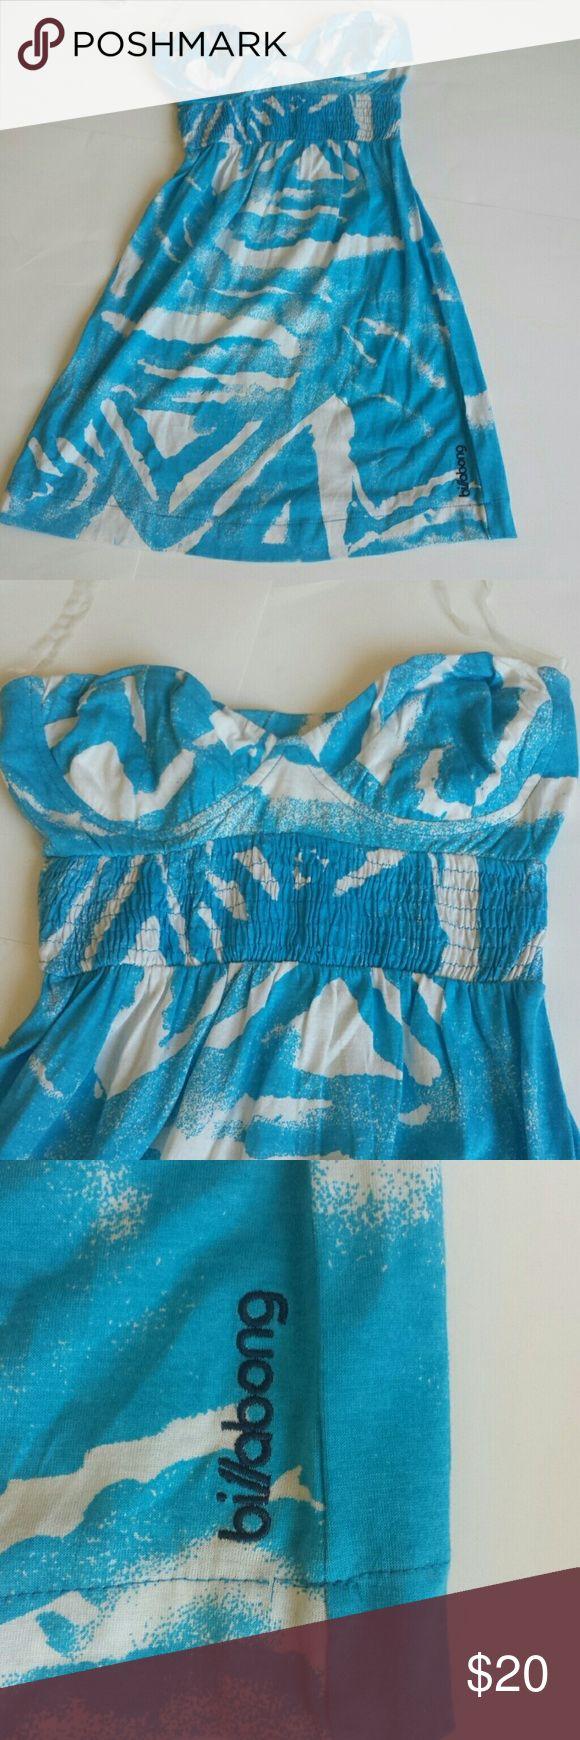 Billabong strapless Beach dress cover up XS Blue and white Beach dress strapless Billabong size extra small cotton modal Billabong Dresses Mini